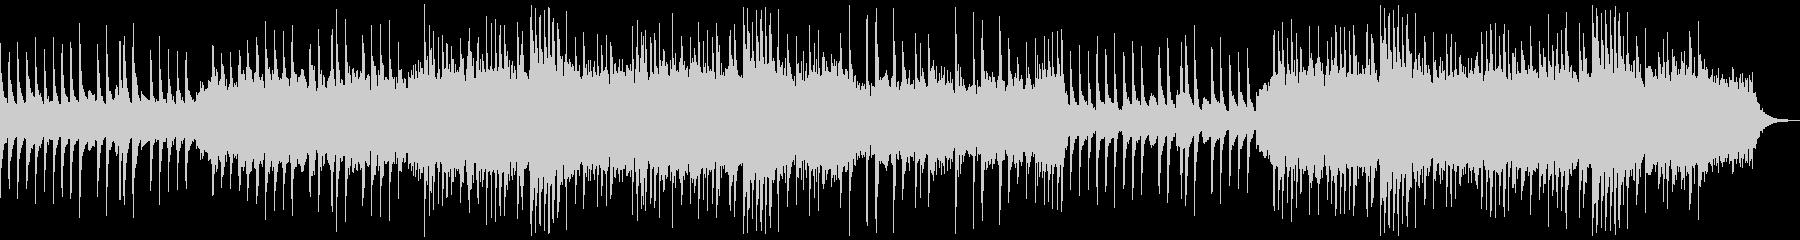 歪んだピアノとコーラスで構成の不気味な曲の未再生の波形